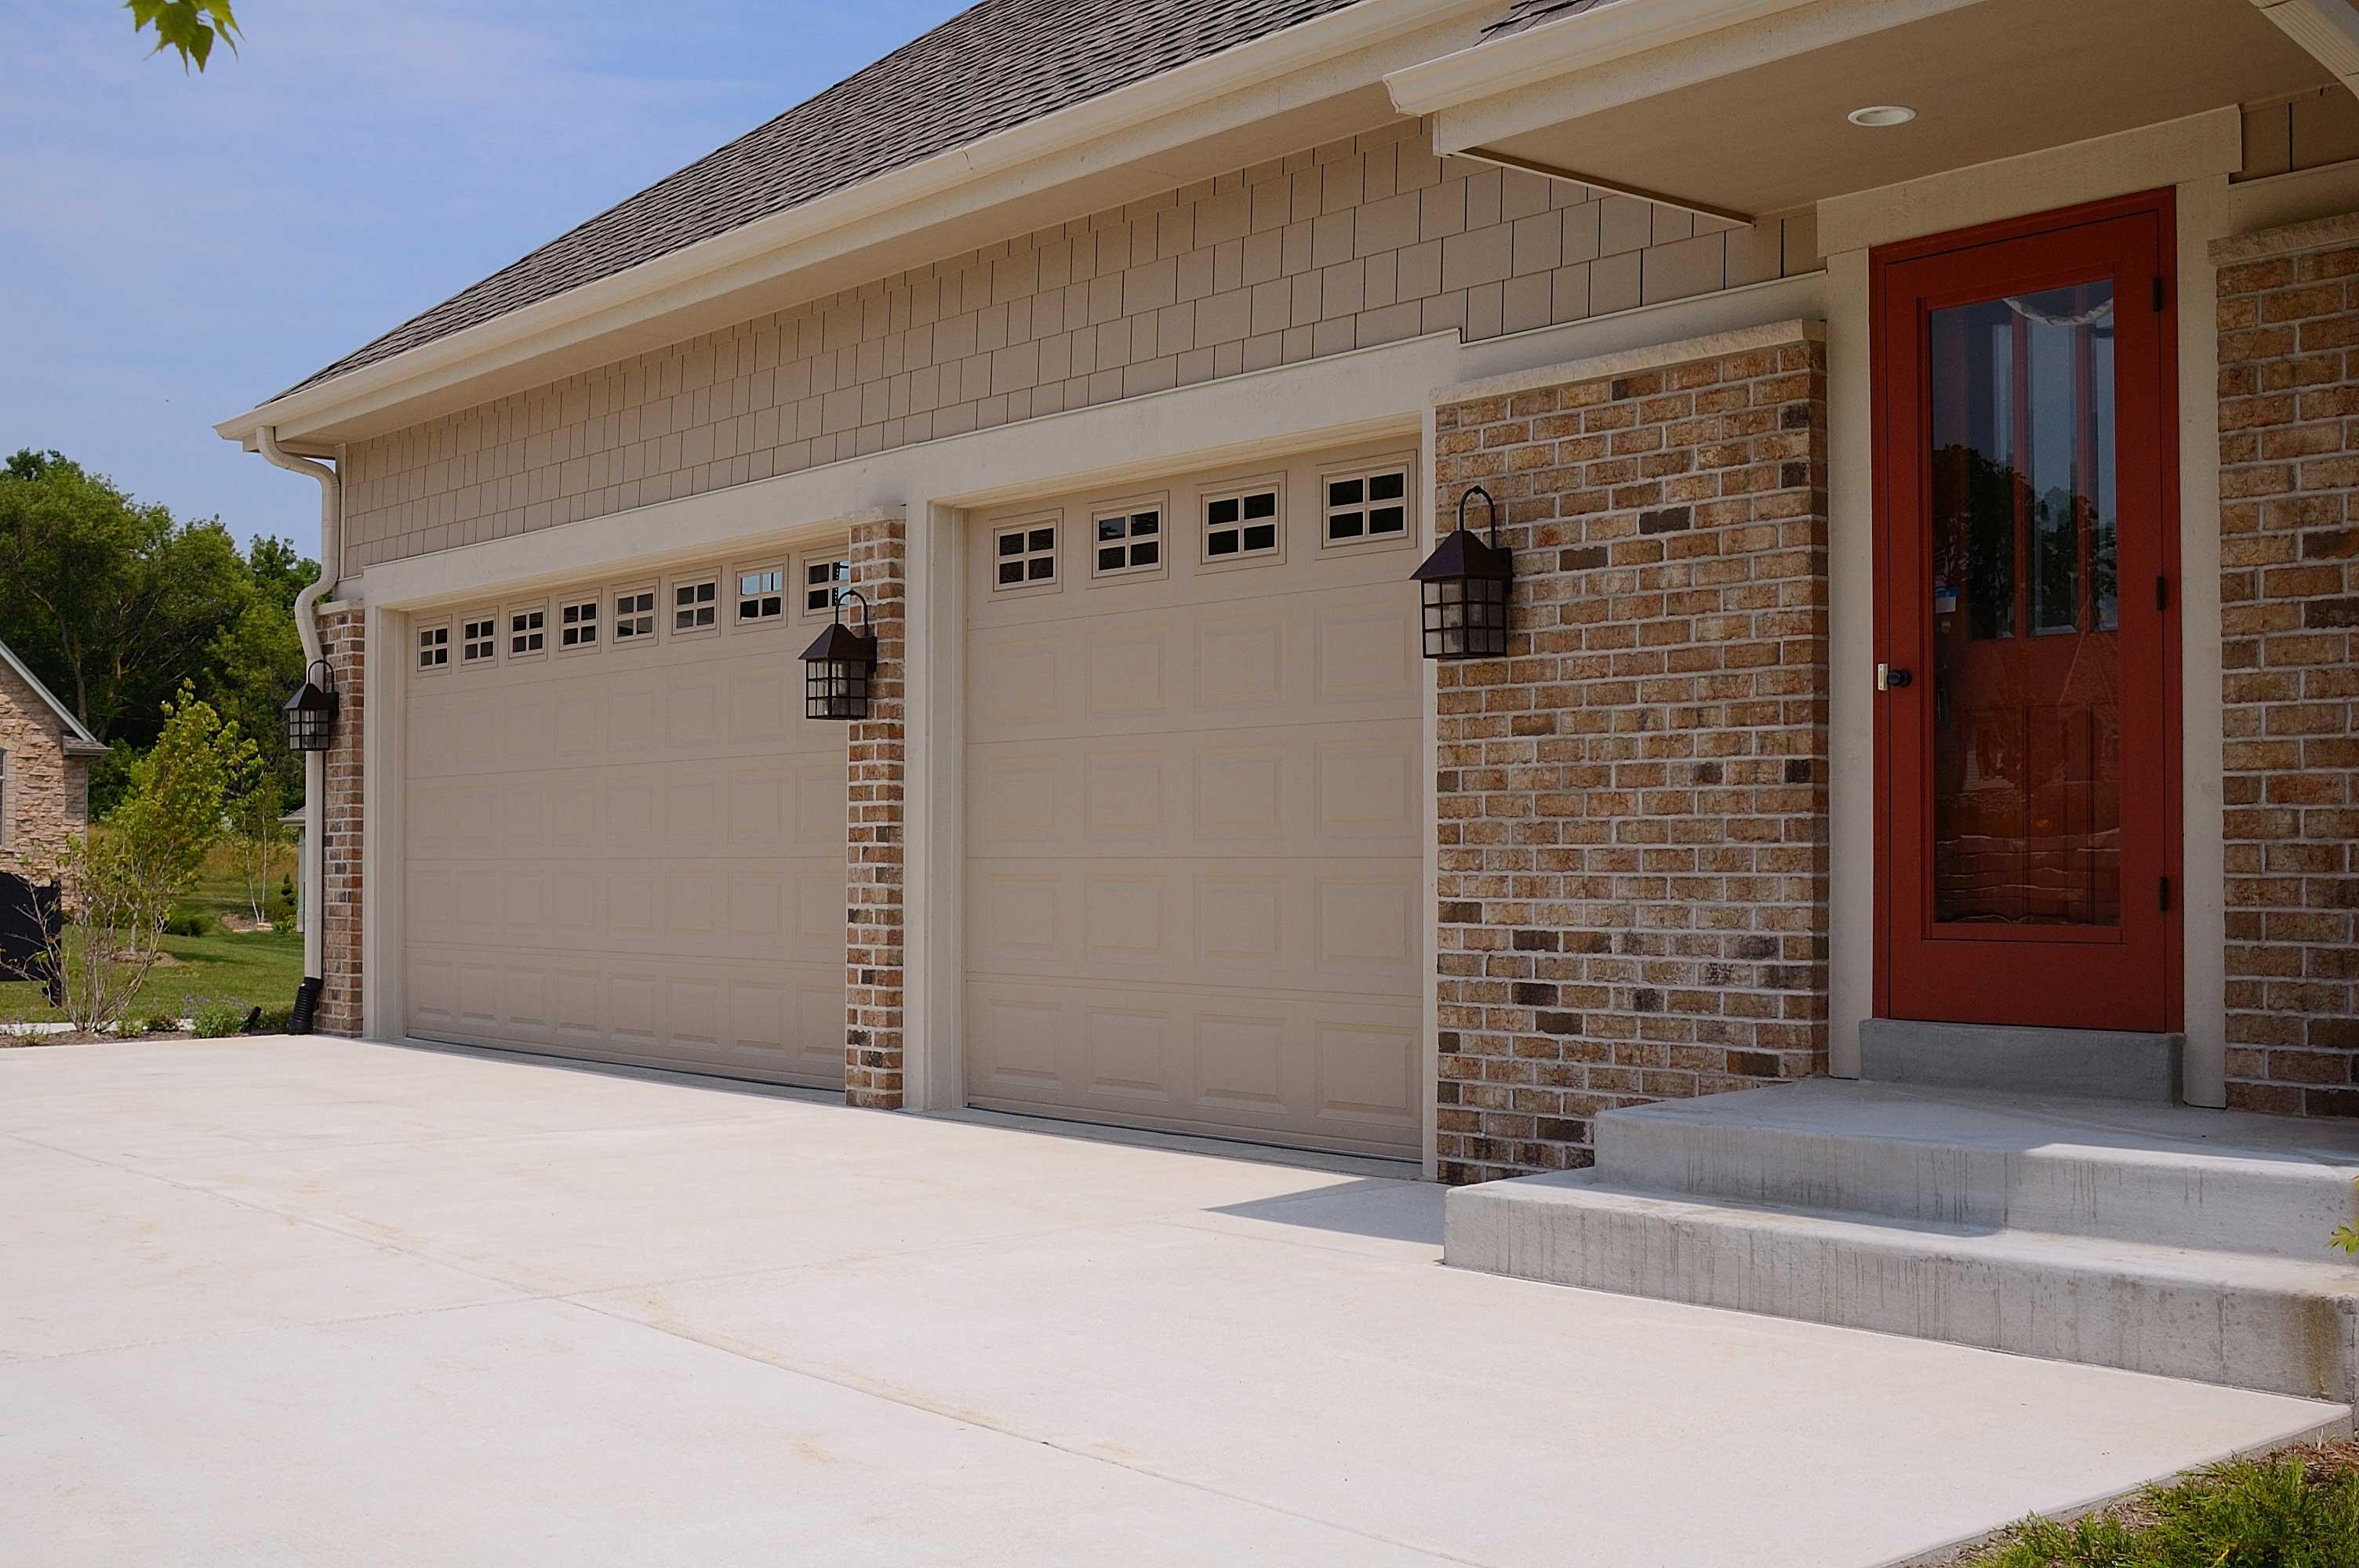 25 gauge raised panel steel - Raised Panel Home 2015